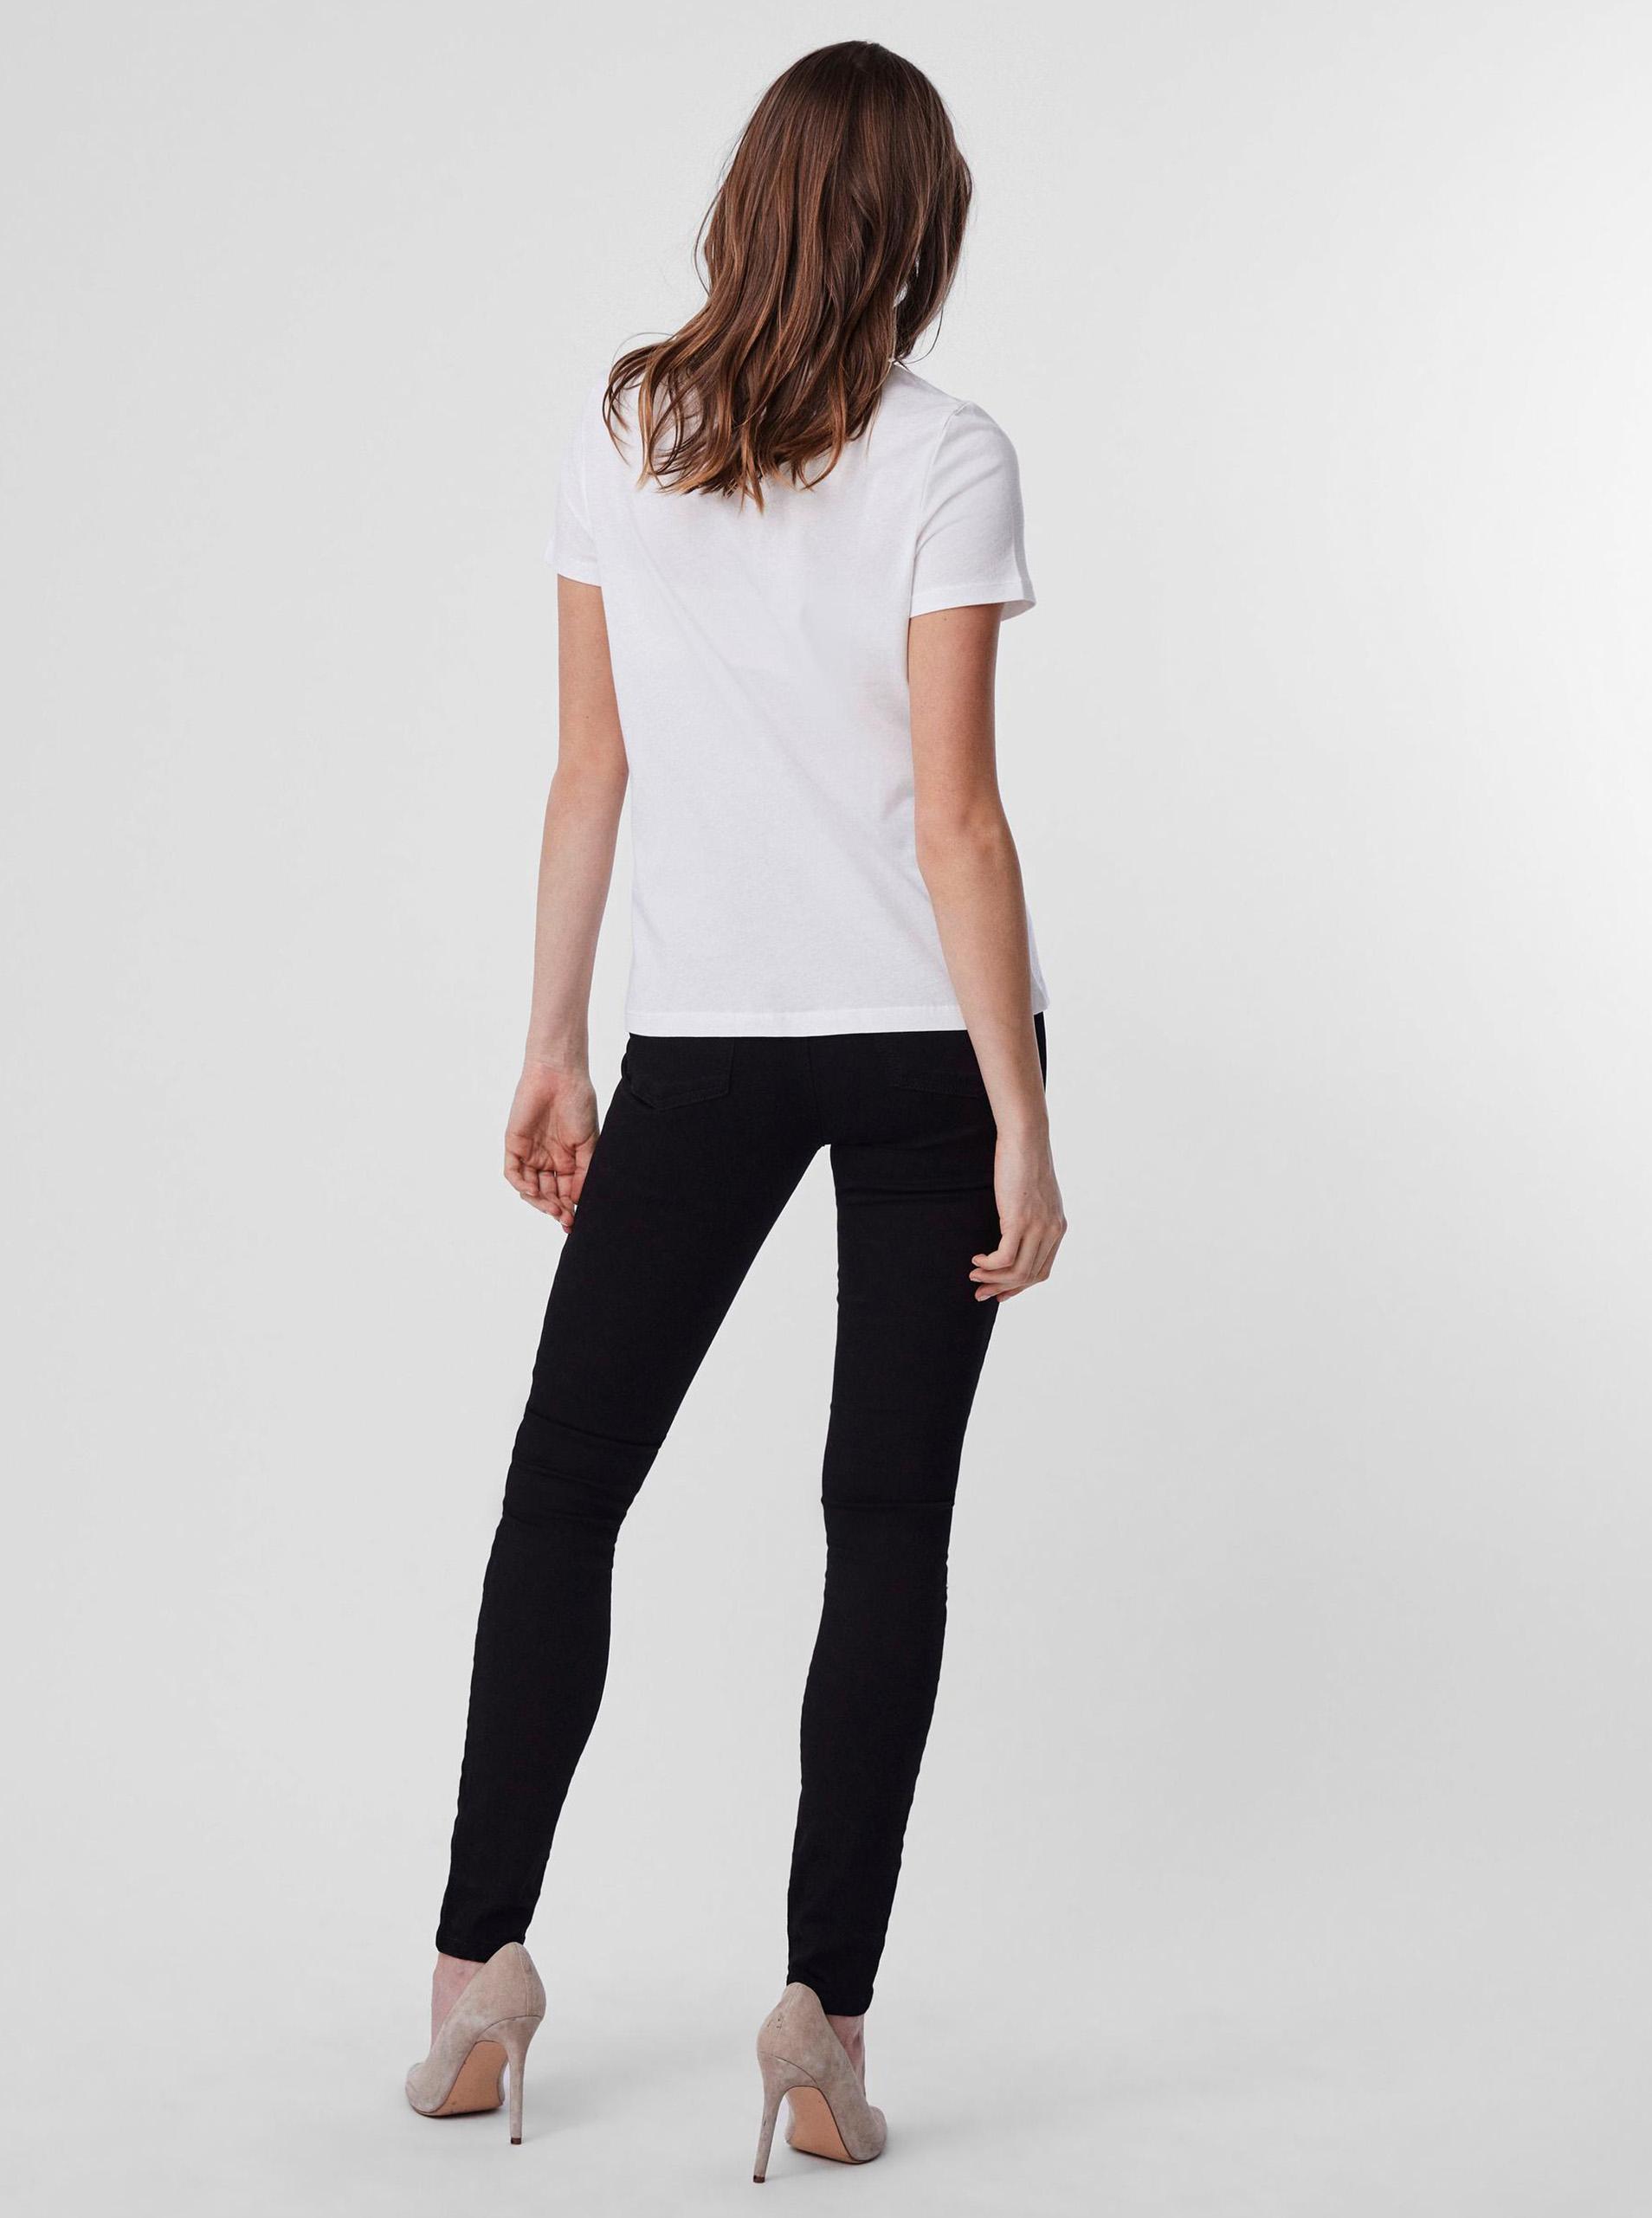 Vero Moda bianco maglietta Donna